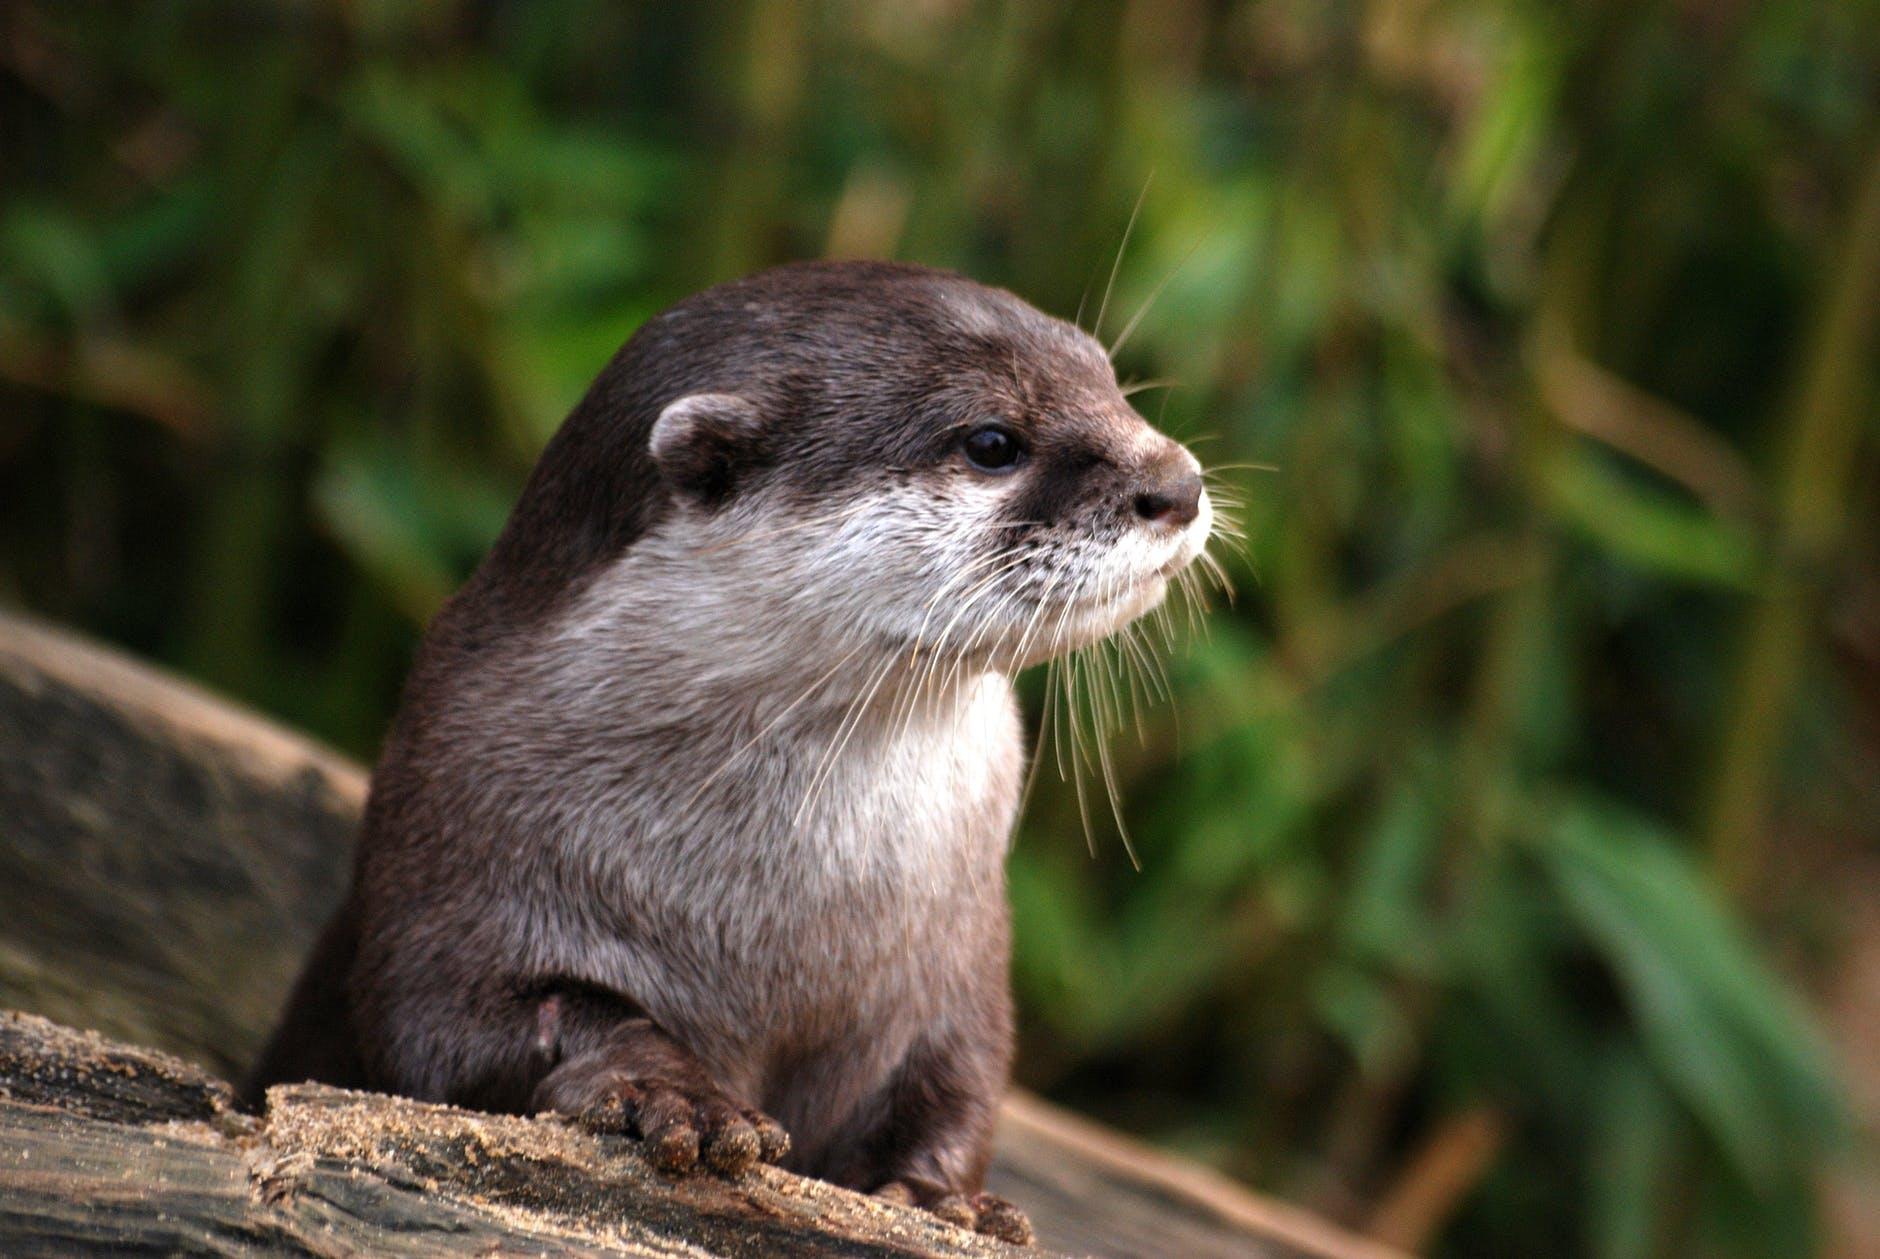 nature animal cute fur